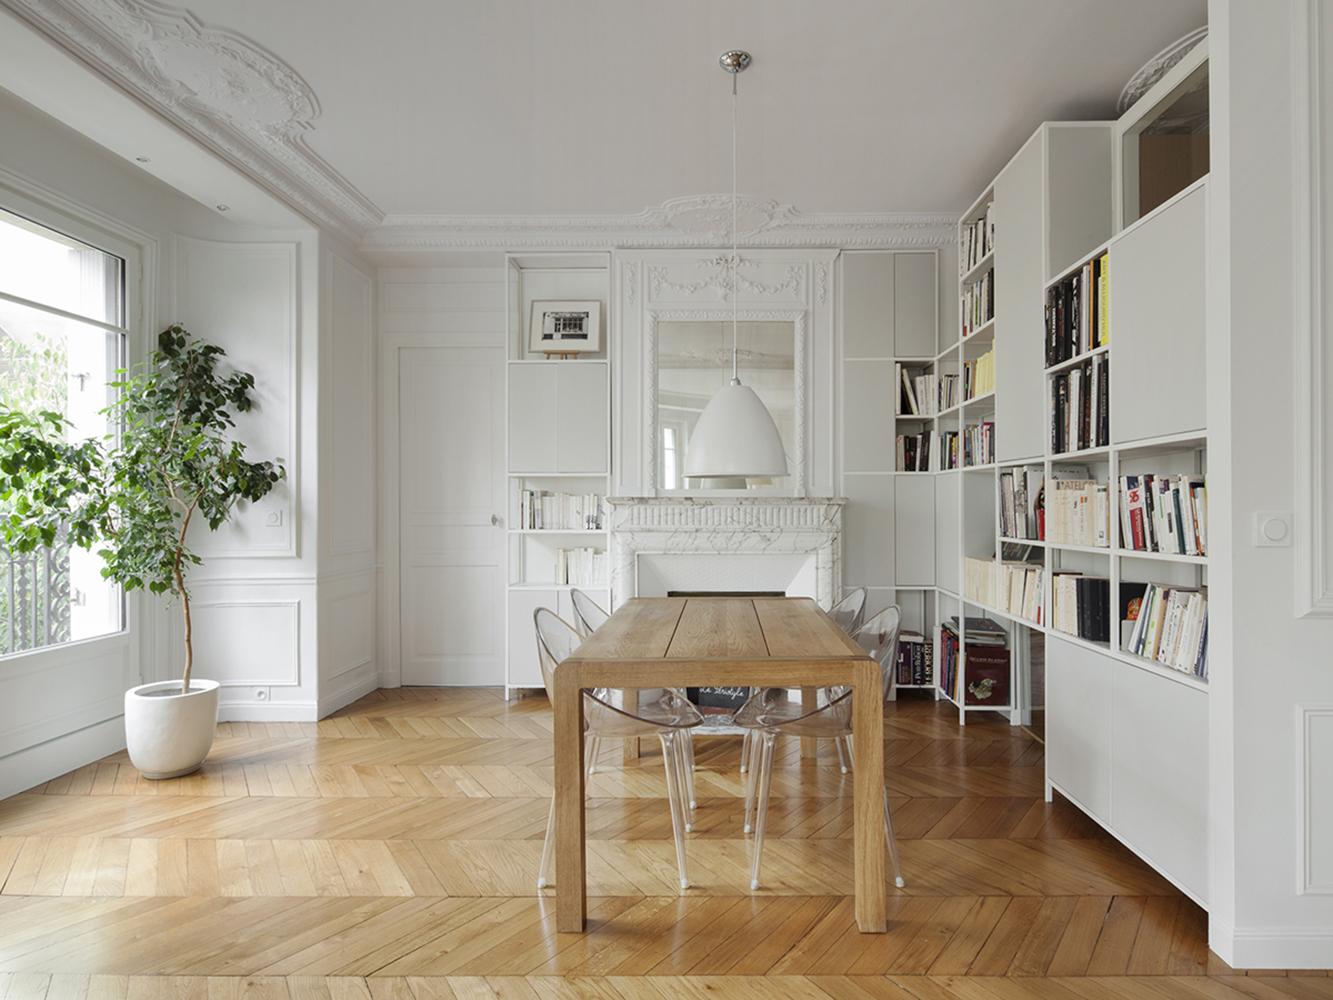 Ristrutturazione di un appartamento a parigi for Piccoli piani di casa francese